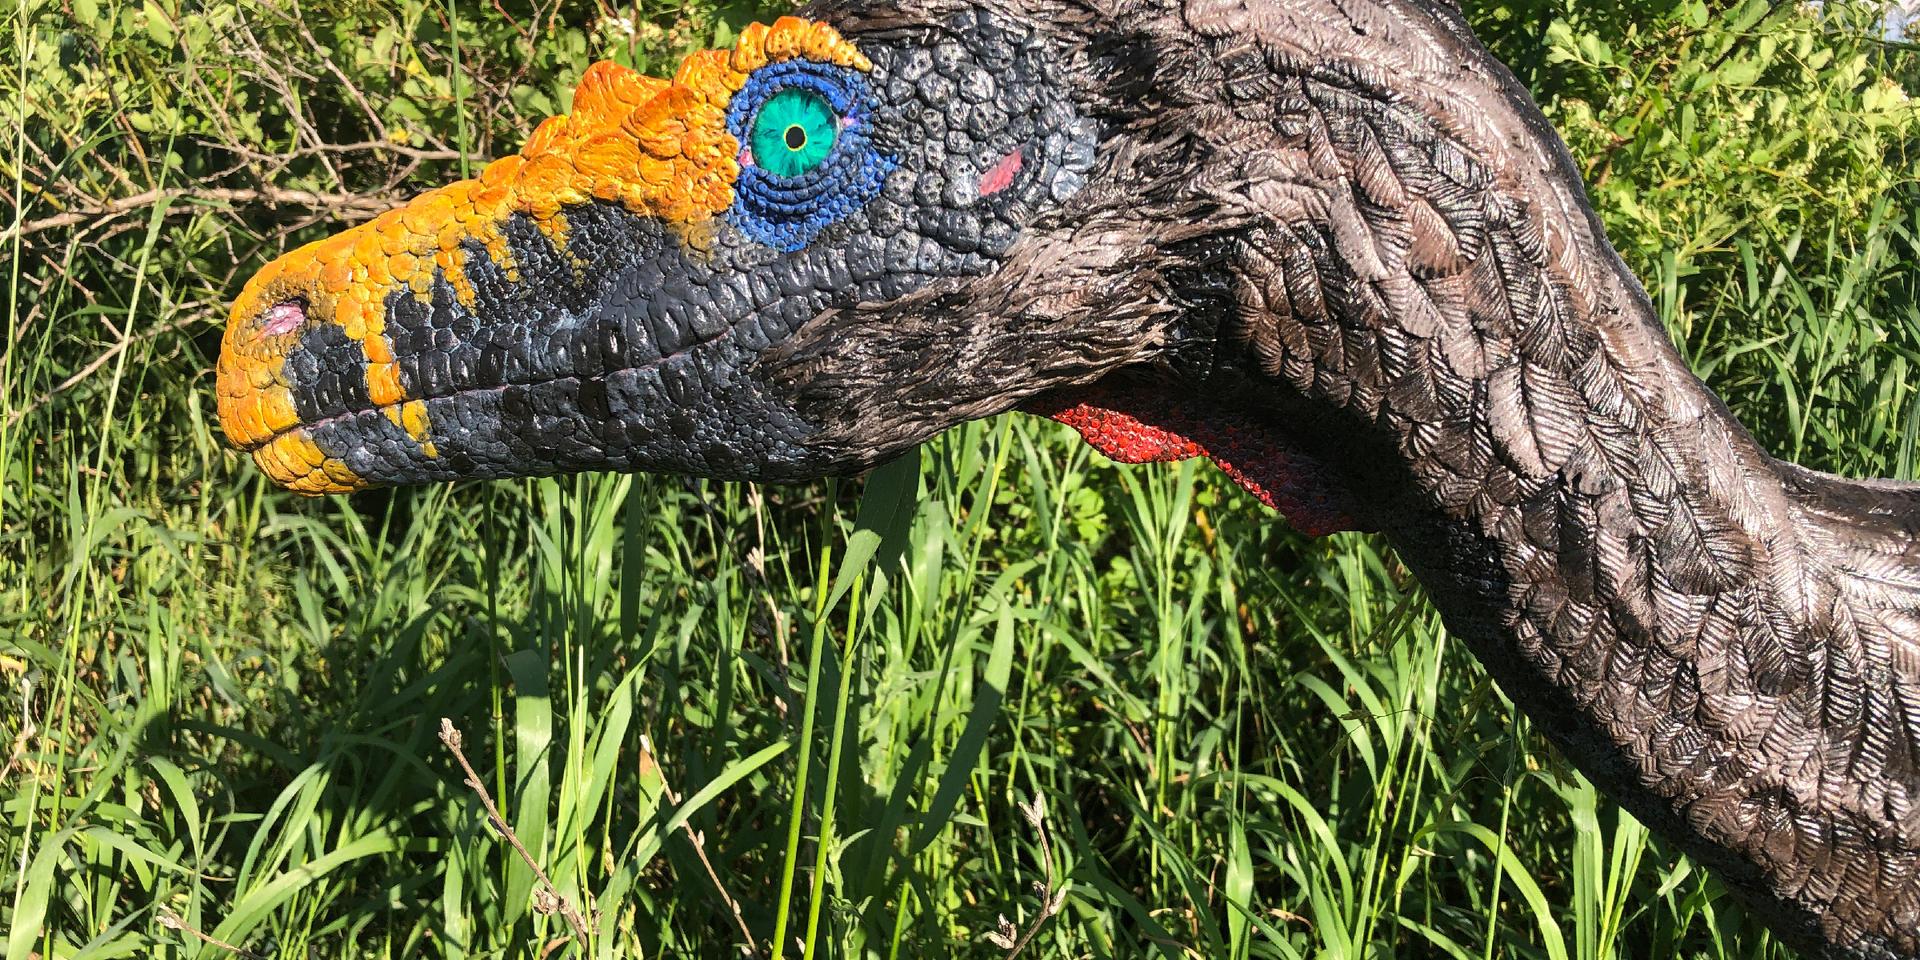 Velociraptor 1:1 Scale